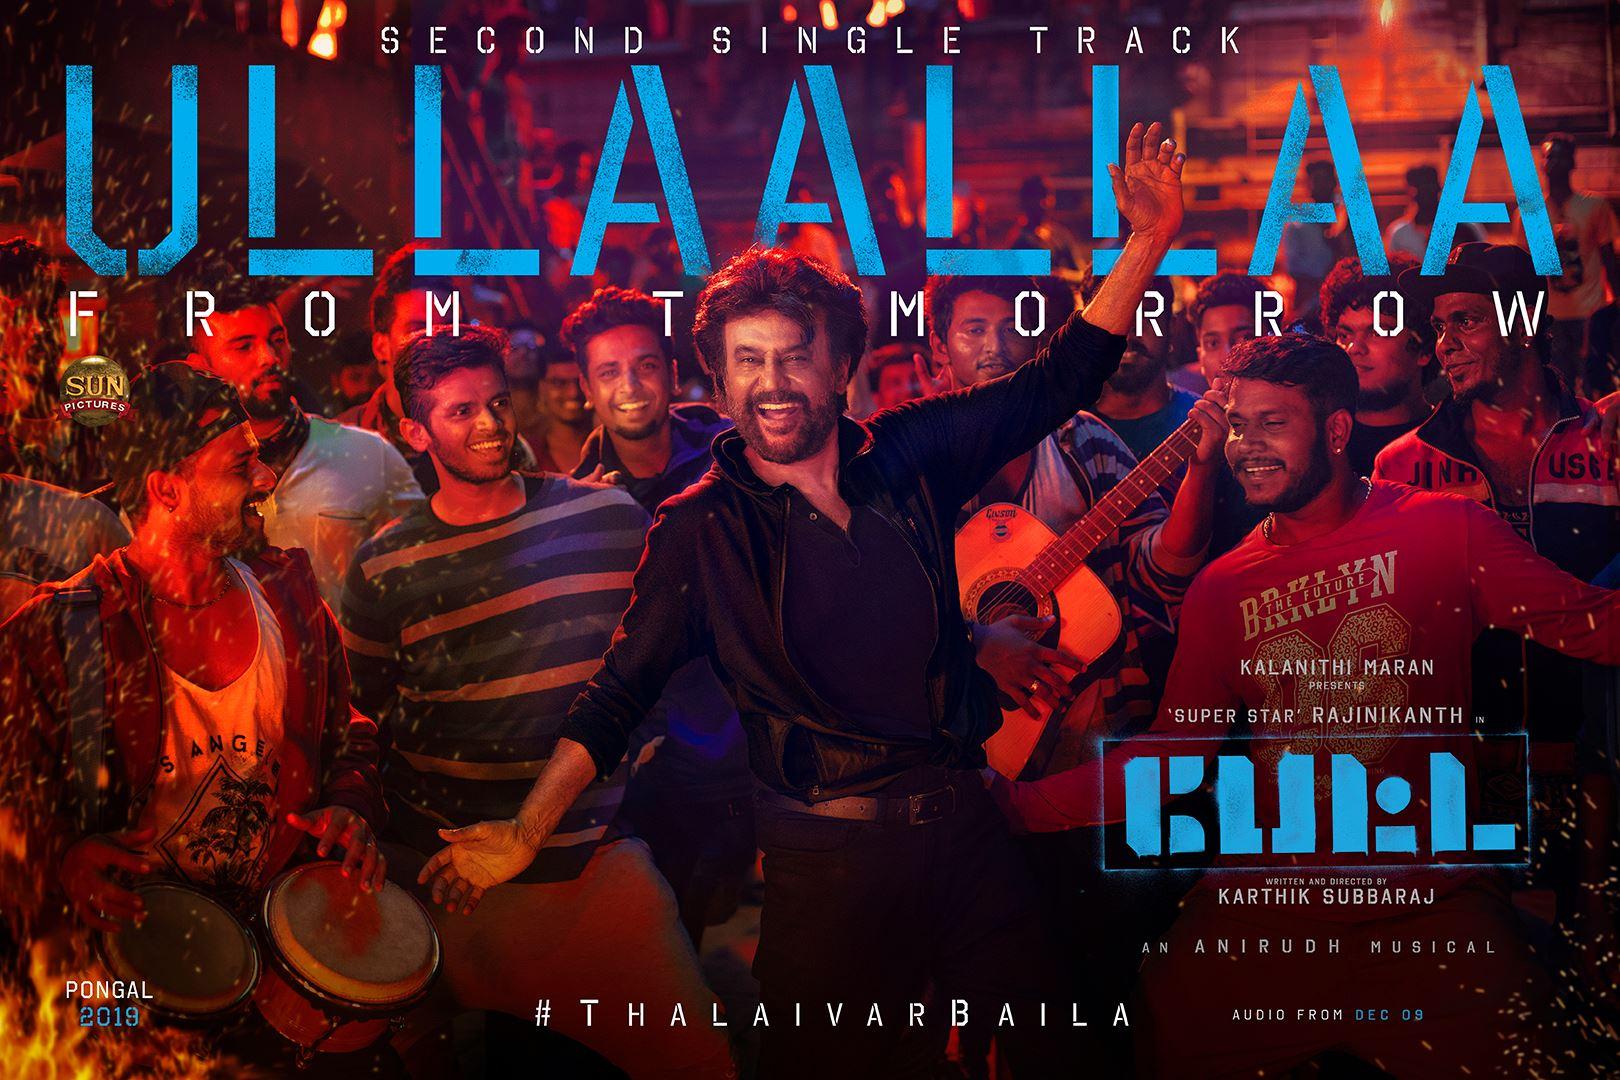 Petta Movie Thalaivar Baila Singers Revealed